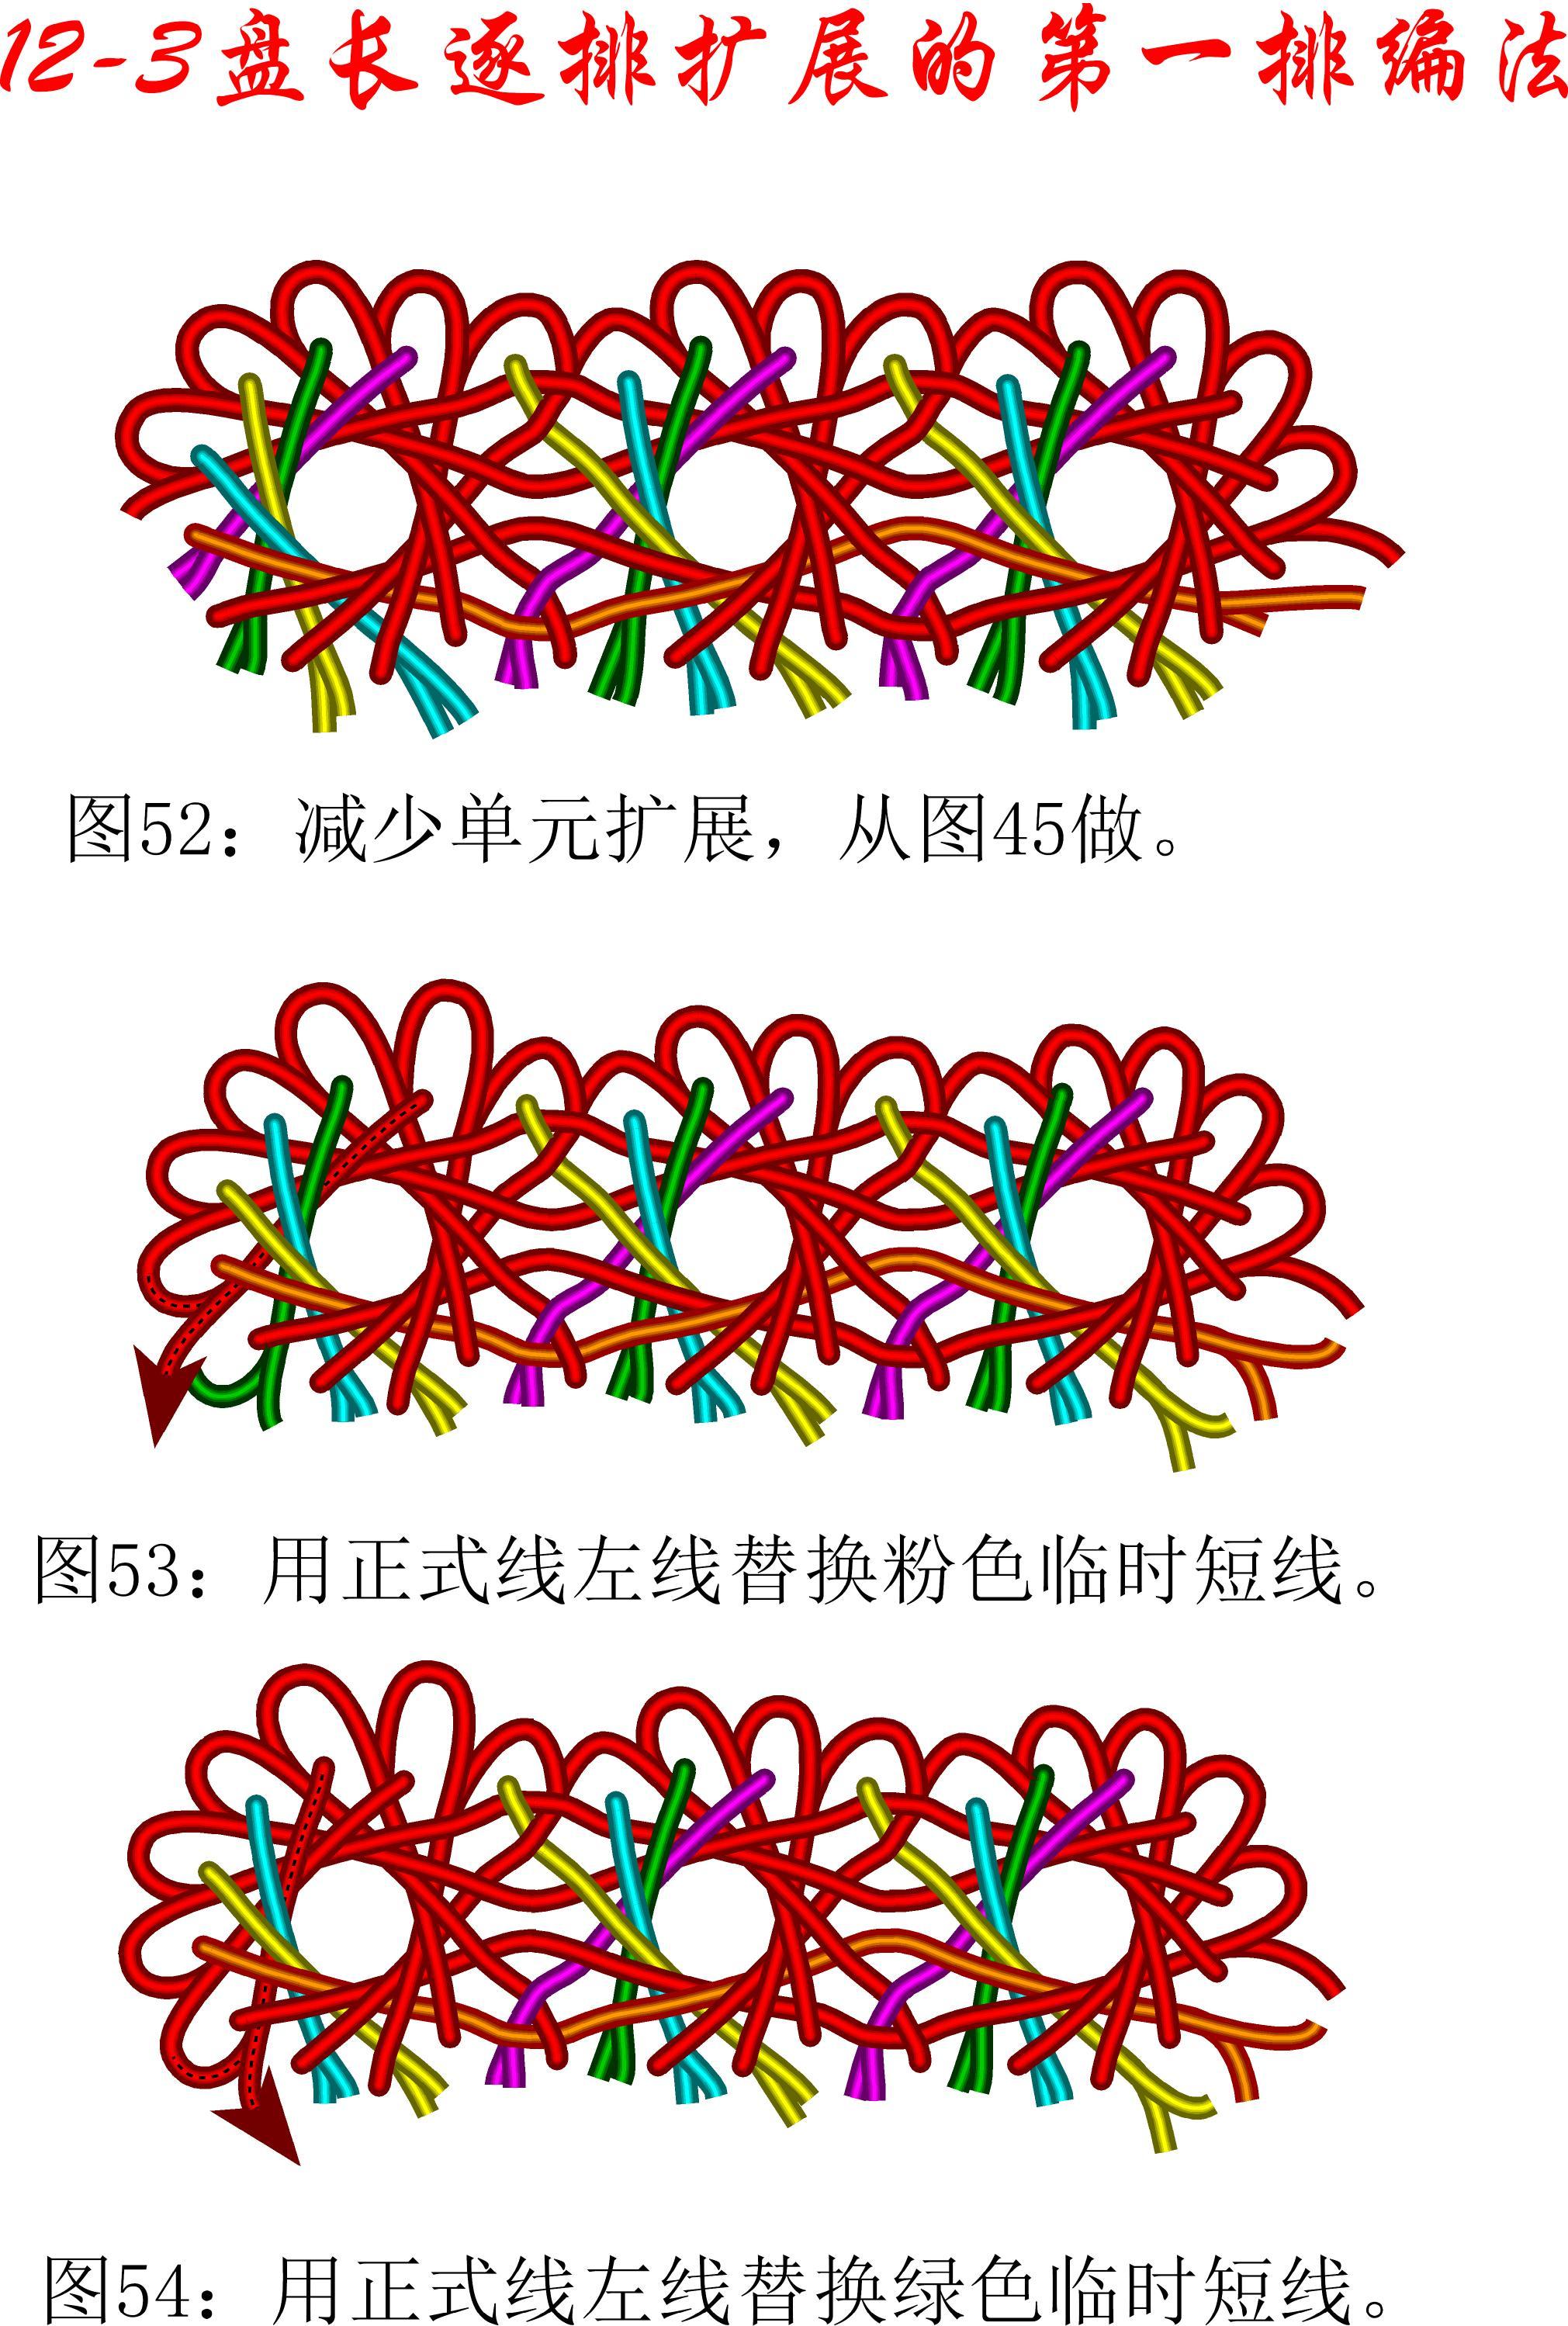 中国结论坛 12-3排扩展法第一排的基盘长编法教程 教程,共基接法,扩展法定义,定基分析法,扩展编码法 丑丑徒手编结 111458nrooo1qqonoyzt9o